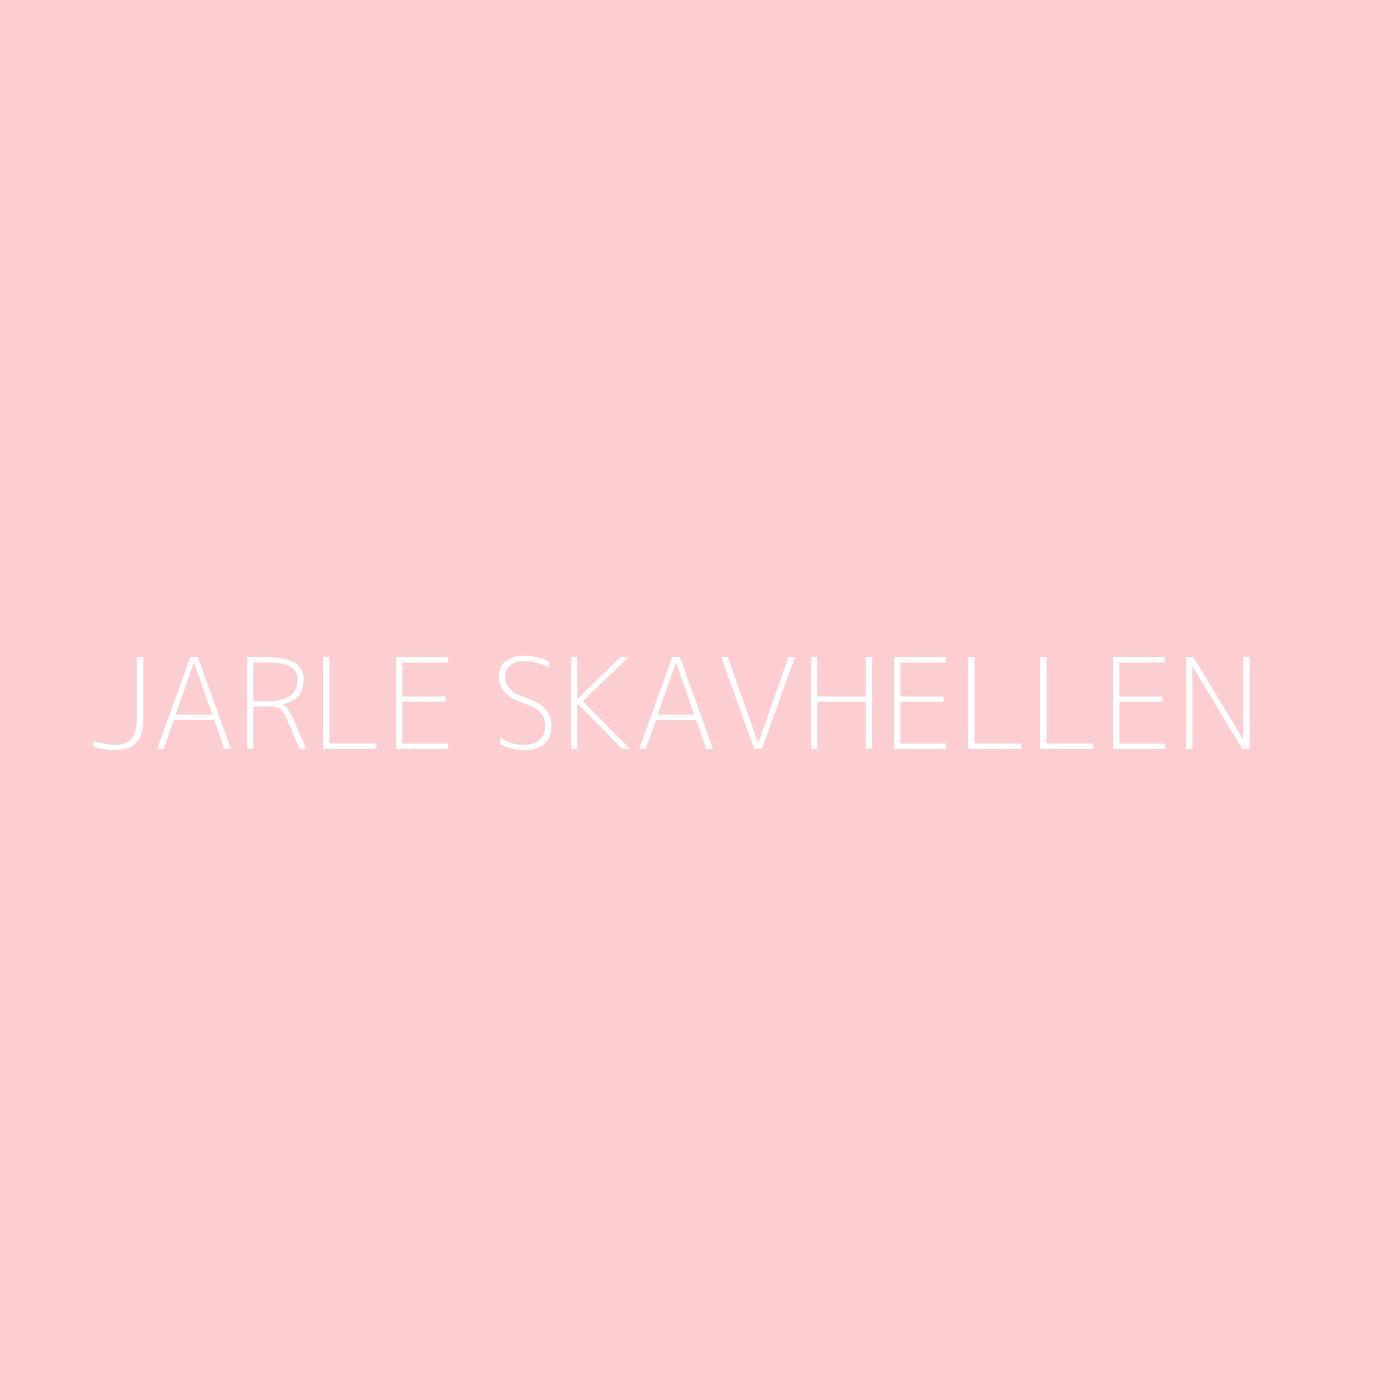 Jarle Skavhellen Playlist Artwork